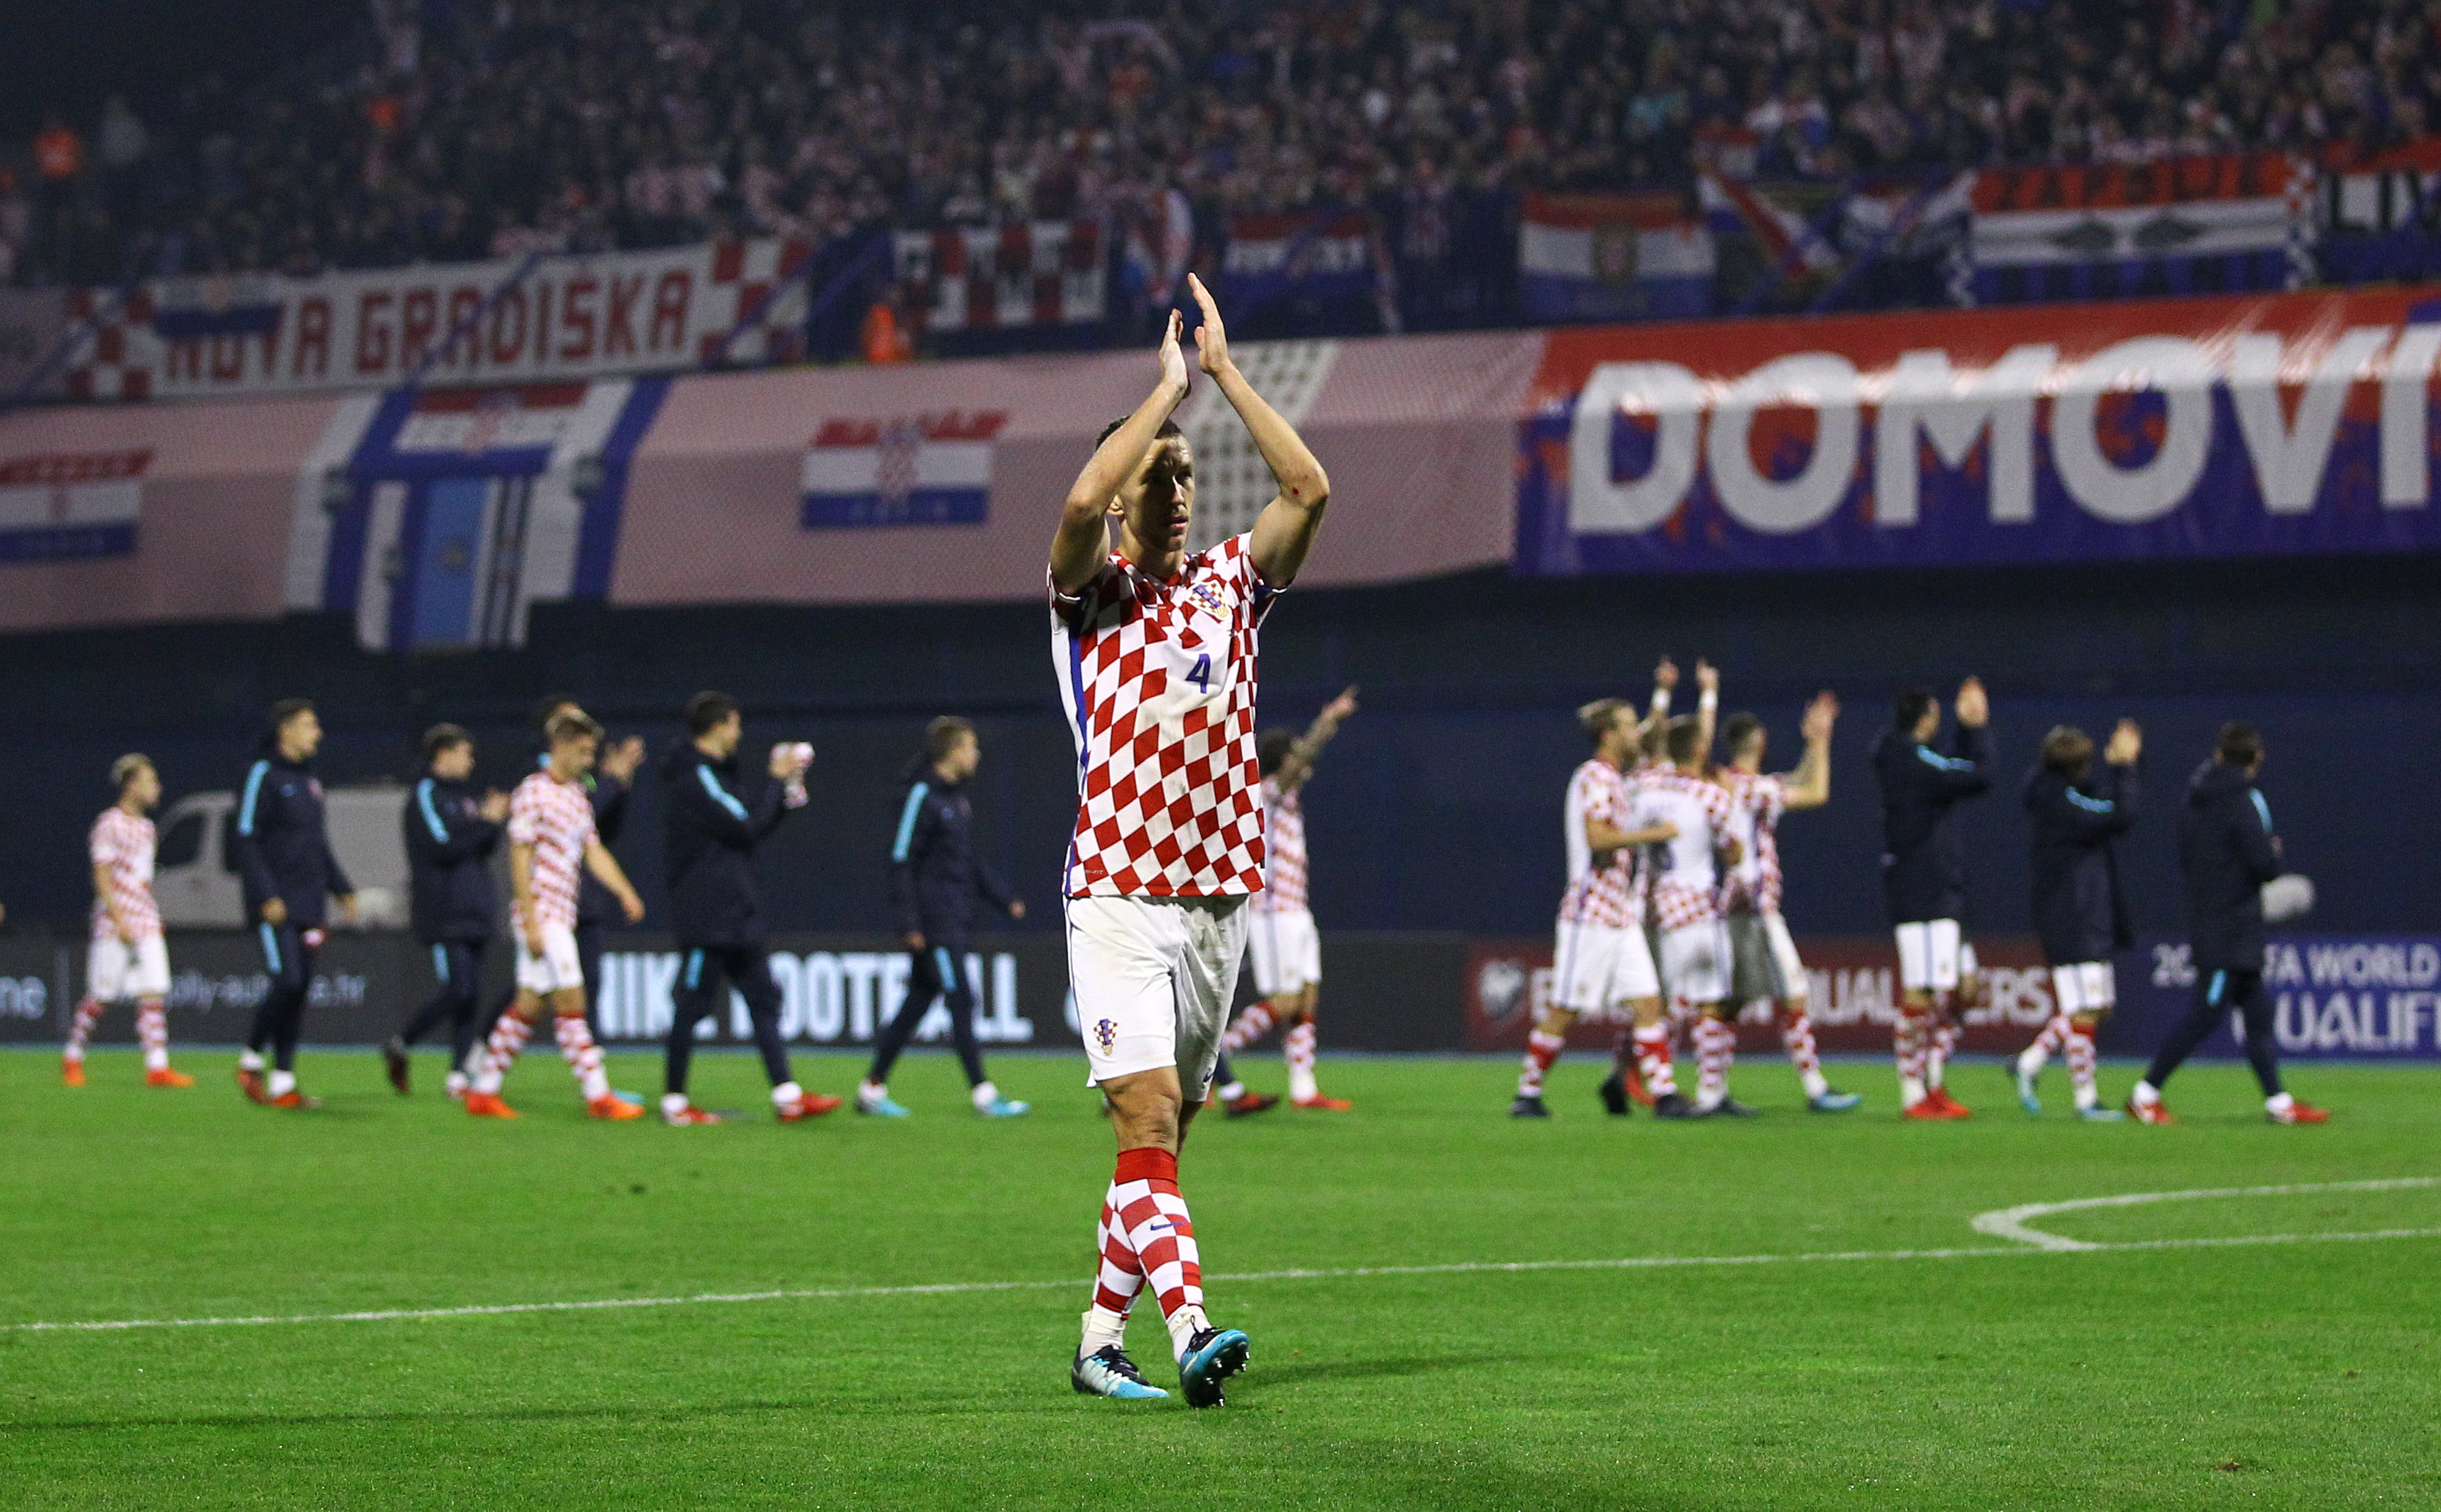 Barrages mondial 2018 la croatie surclasse la gr ce - Calendrier coupe du monde de handball ...